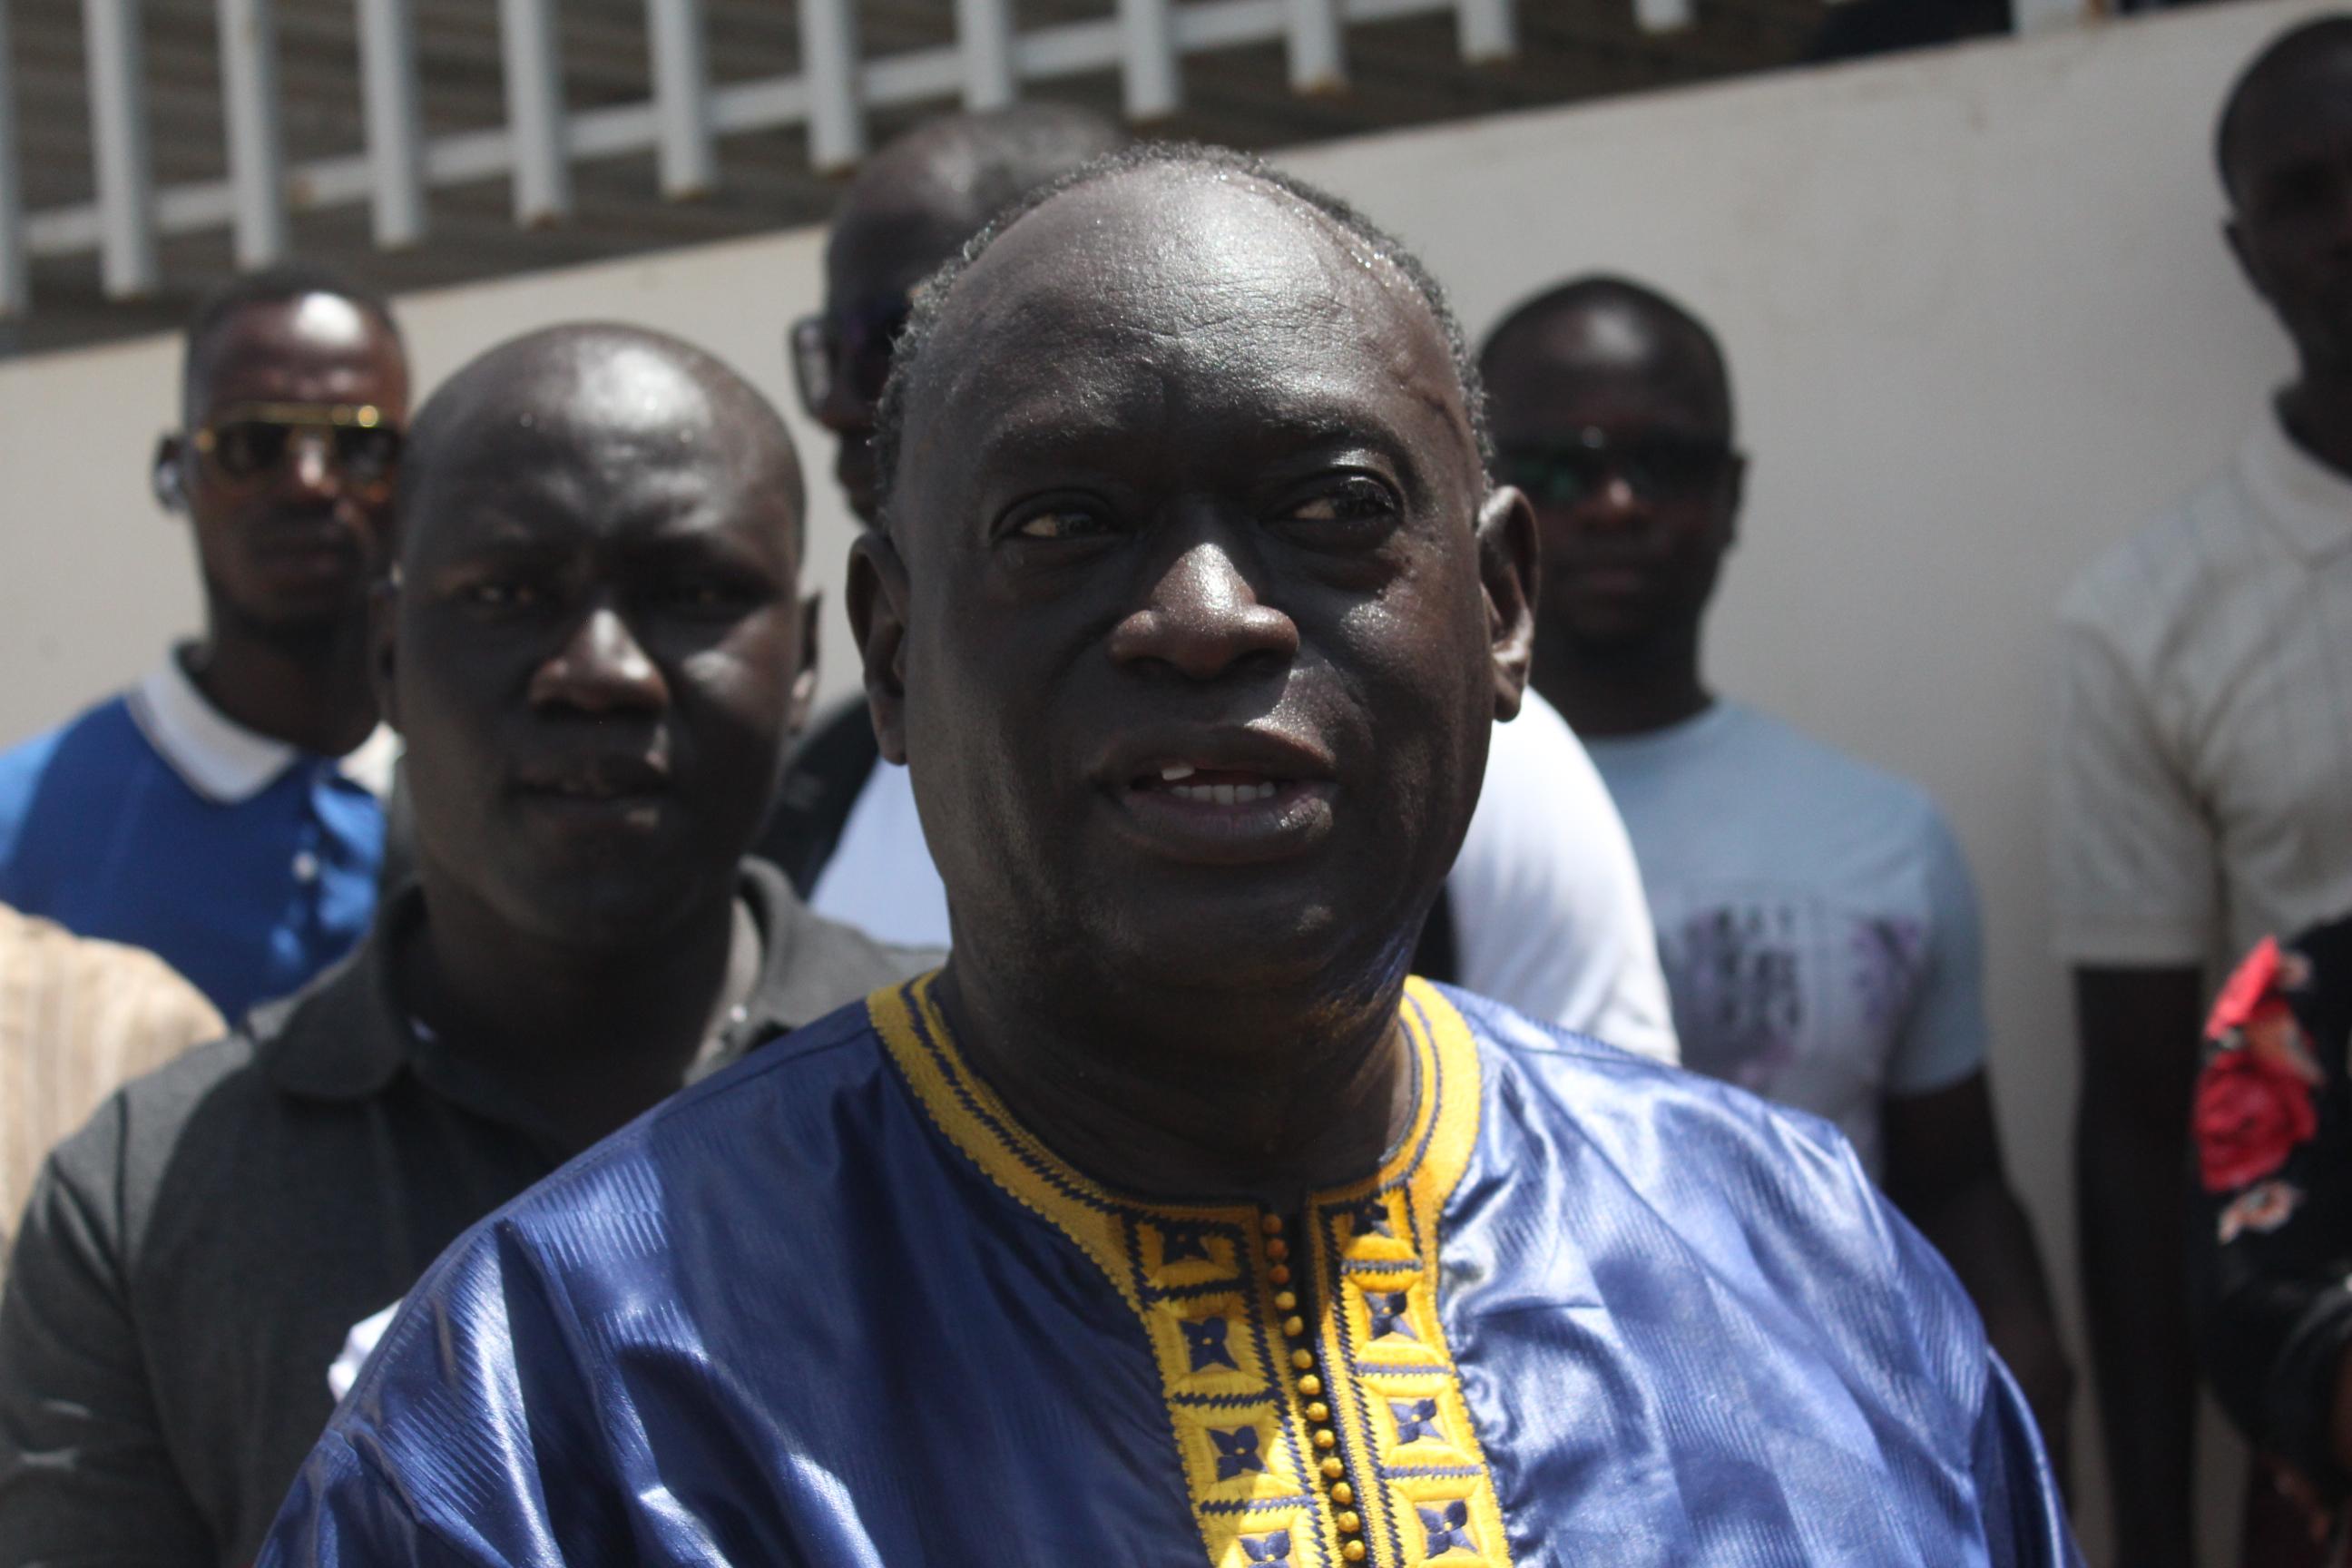 Me El Hadji Diouf raconte comment et pourquoi Assane Diouf a été bastonné par les gardes